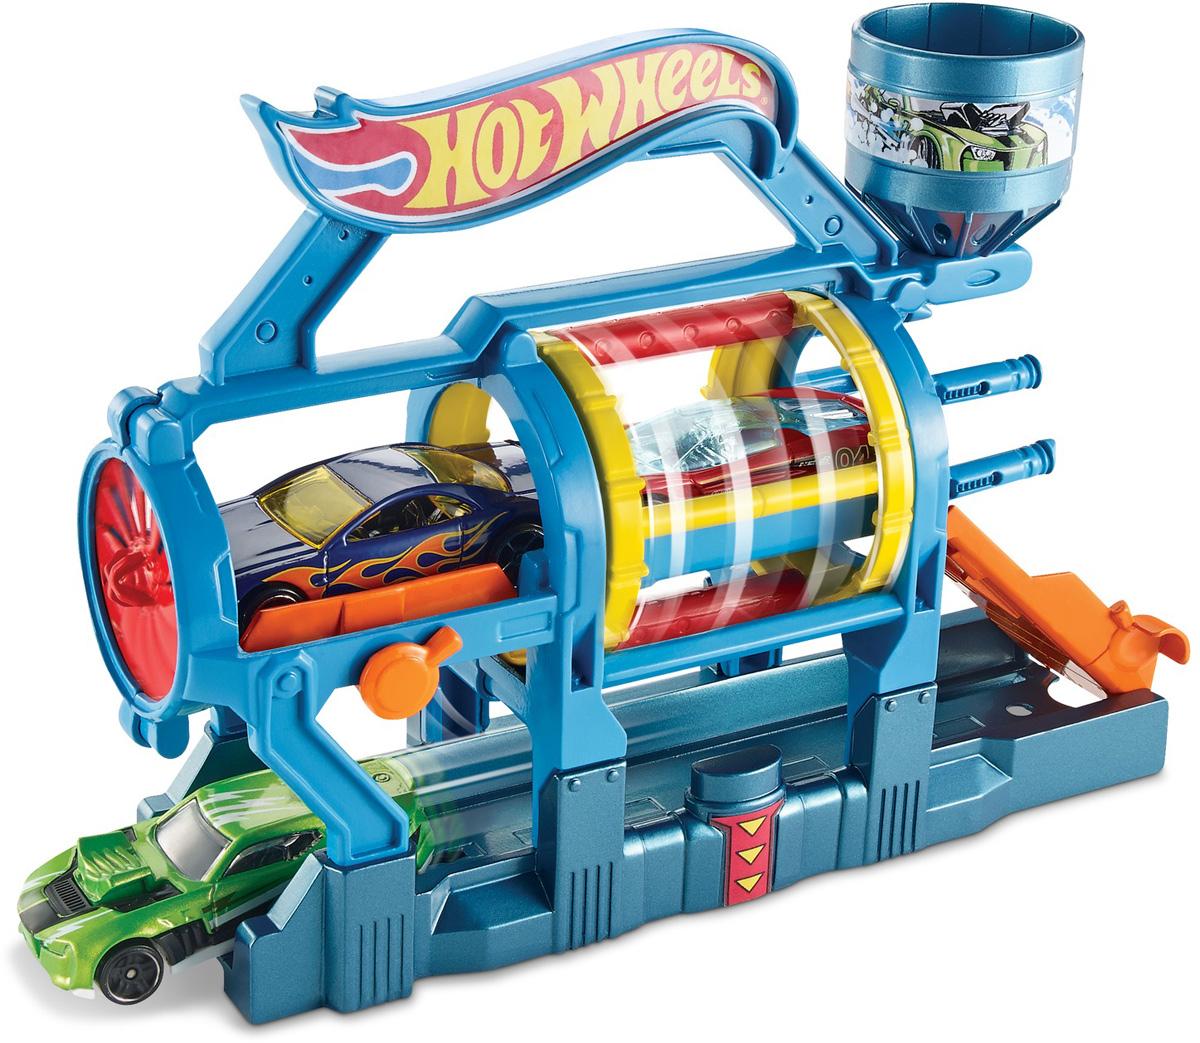 Hot Wheels Игровой набор АвтомойкаDWK99_DWL00Возьми веселье в дорогу с трансформирующимся игровым набором Hot Wheels . Детям понравятся узнаваемые сюжеты этих наборов, а также различные интерактивные элементы. В коллекции трансформирующихся наборов Hot Wheels есть автомойка, гараж и даже дом с привидениями! У каждого набора своя уникальность. В набор также входит одна машинка Hot Wheels. Любой набор можно соединить с другим трековым набором Hot Wheels. Дети могут коллекционировать наборы и соединять их друг с другом — веселье будет бесконечным! Каждая машинка продается отдельно. Складные наборы удобны в дороге, и их легко хранить.